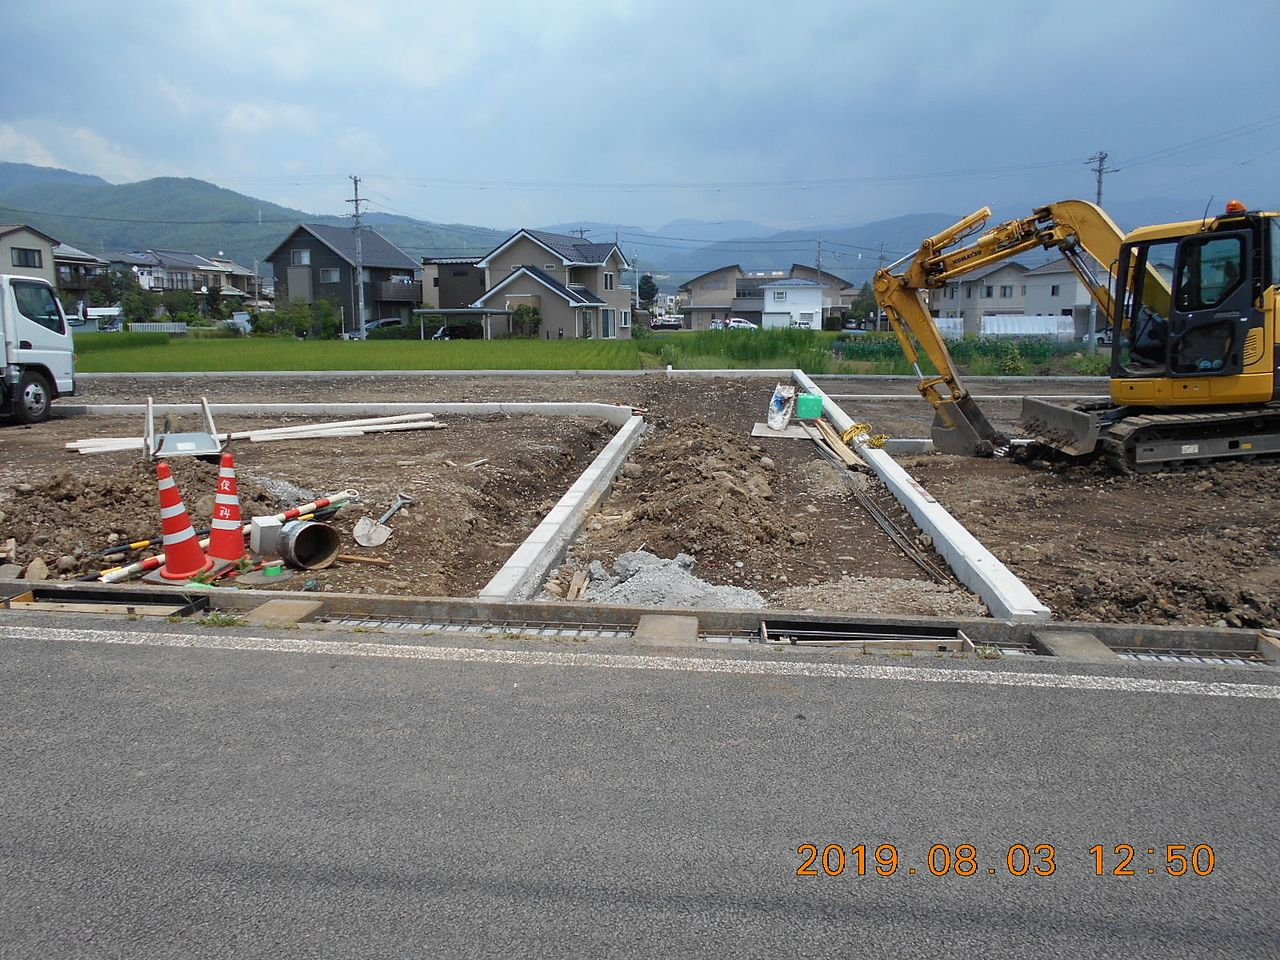 出入り口の水路の上にコンクリートの蓋を造る準備をしています。